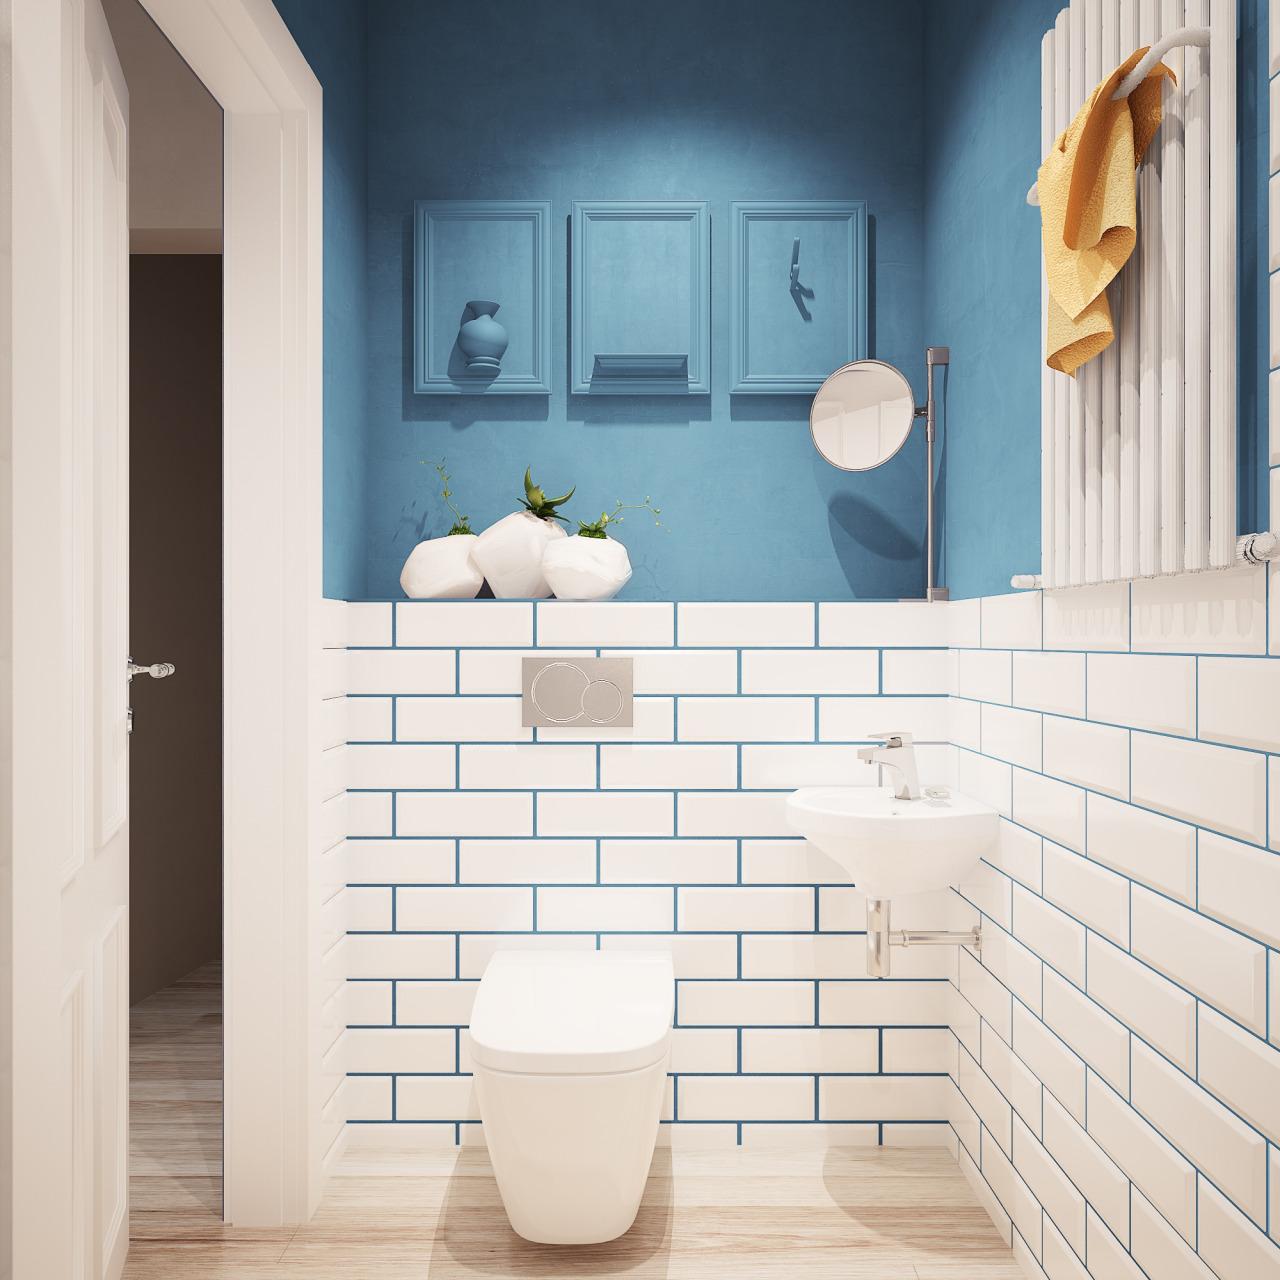 Дизайн ванной комнаты 4.5 кв.м 2017-2018 современные идеи